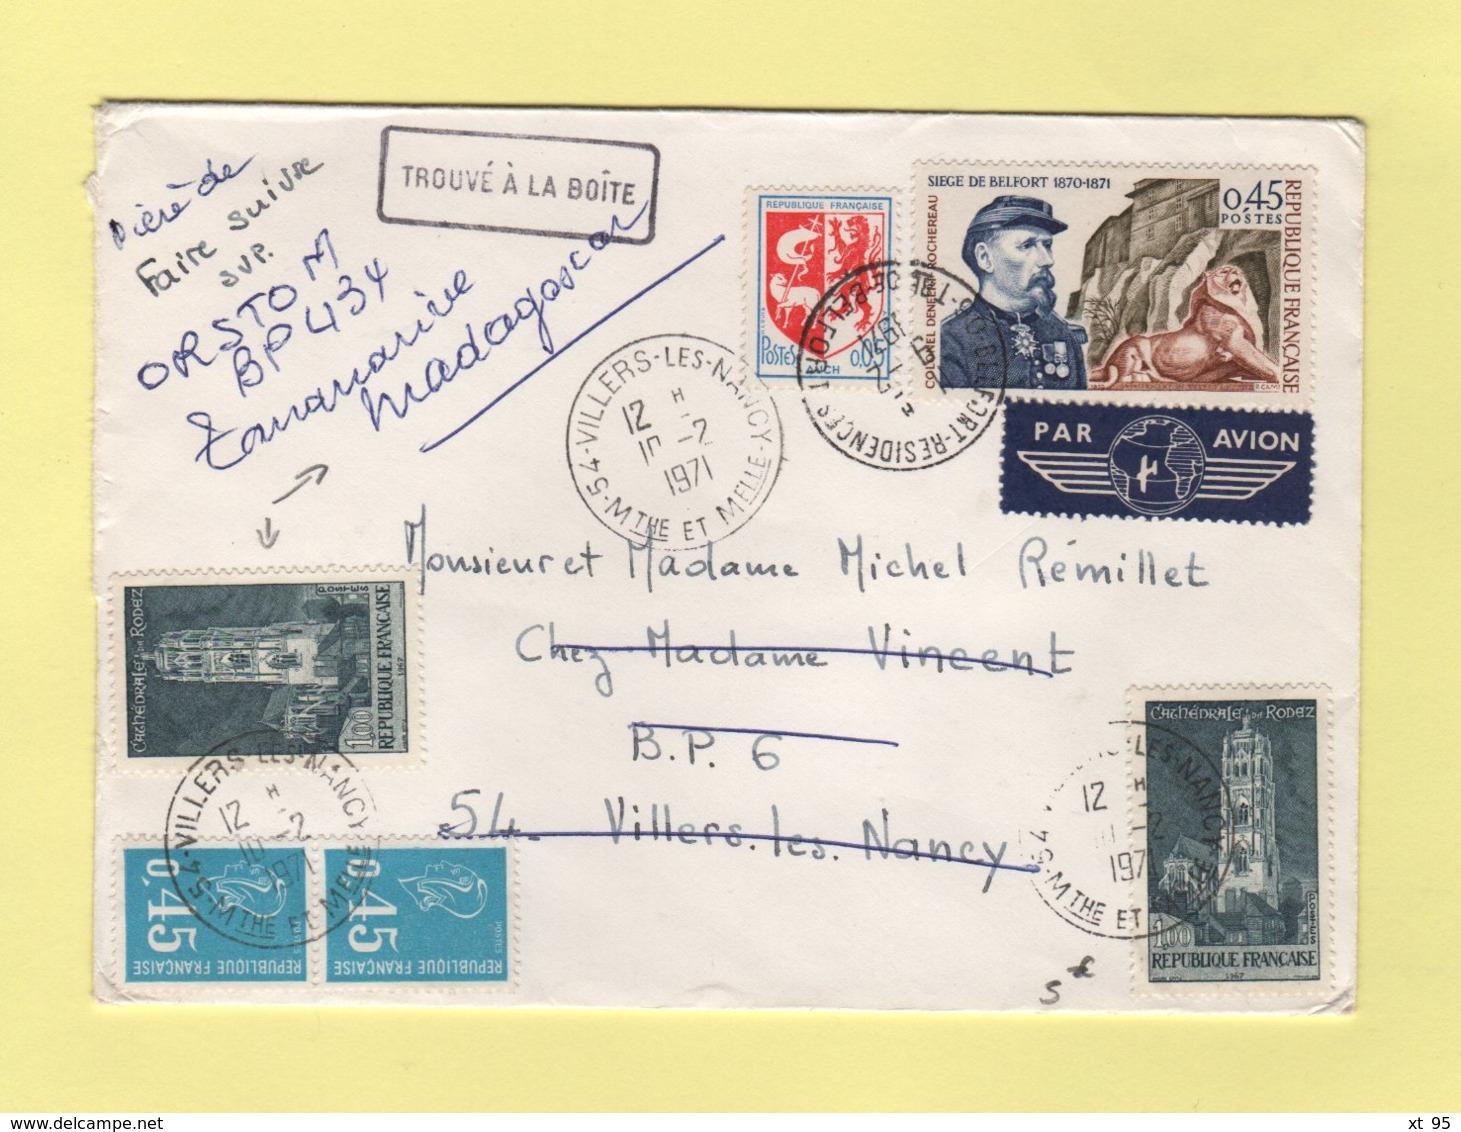 Lettre De Villers Les Nancy Reexpediee Avec Nouvel Affranchissement Vers Madagascar - 1971 - Trouve A La Boite - Marcophilie (Lettres)